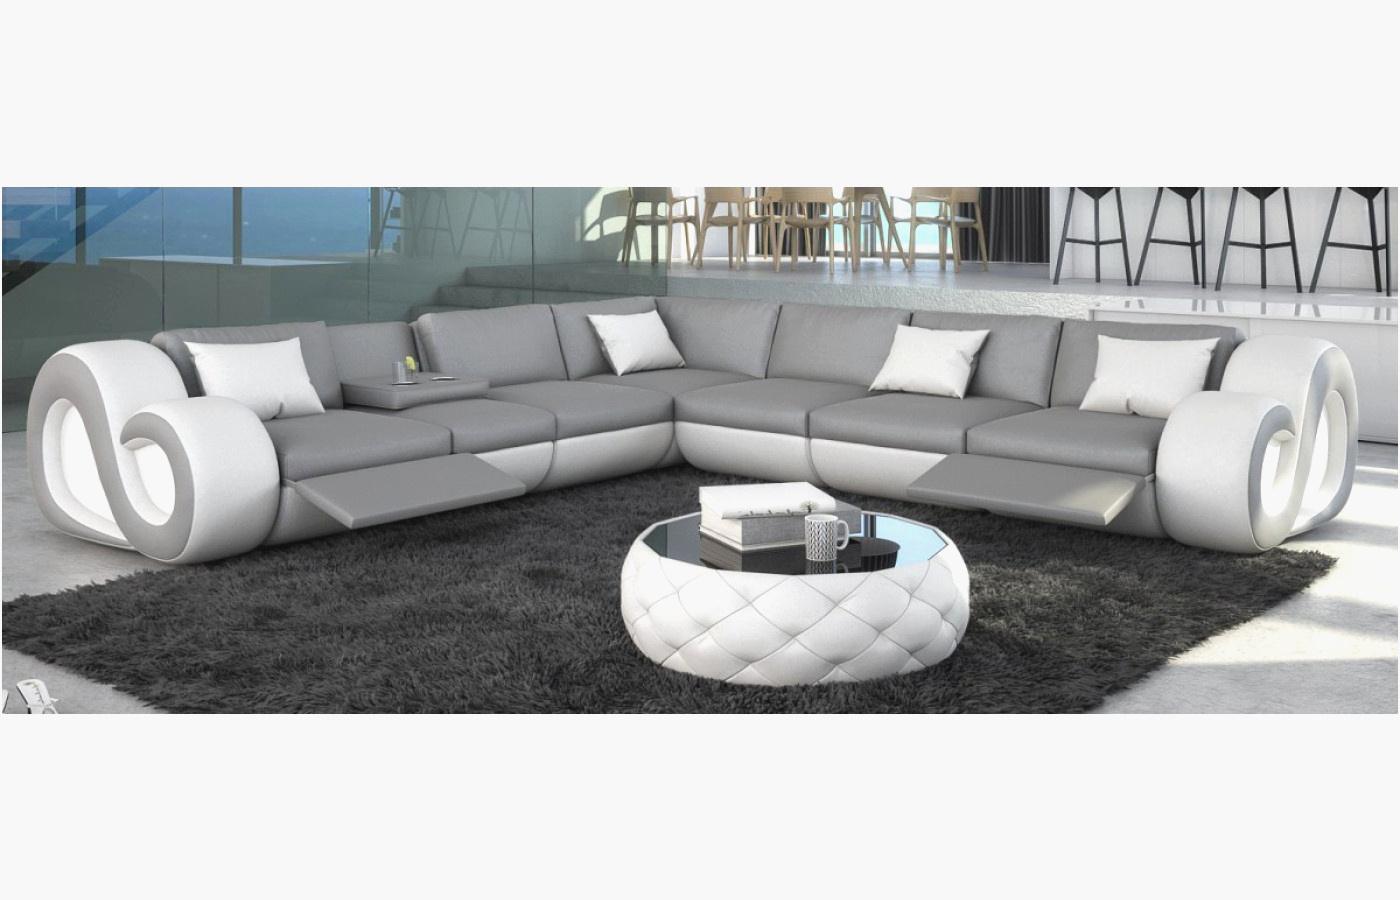 Sofas Modulares Conforama Kvdd sofas Modulares Conforama sofa Chaise Longue Cama Proyecto Debido A